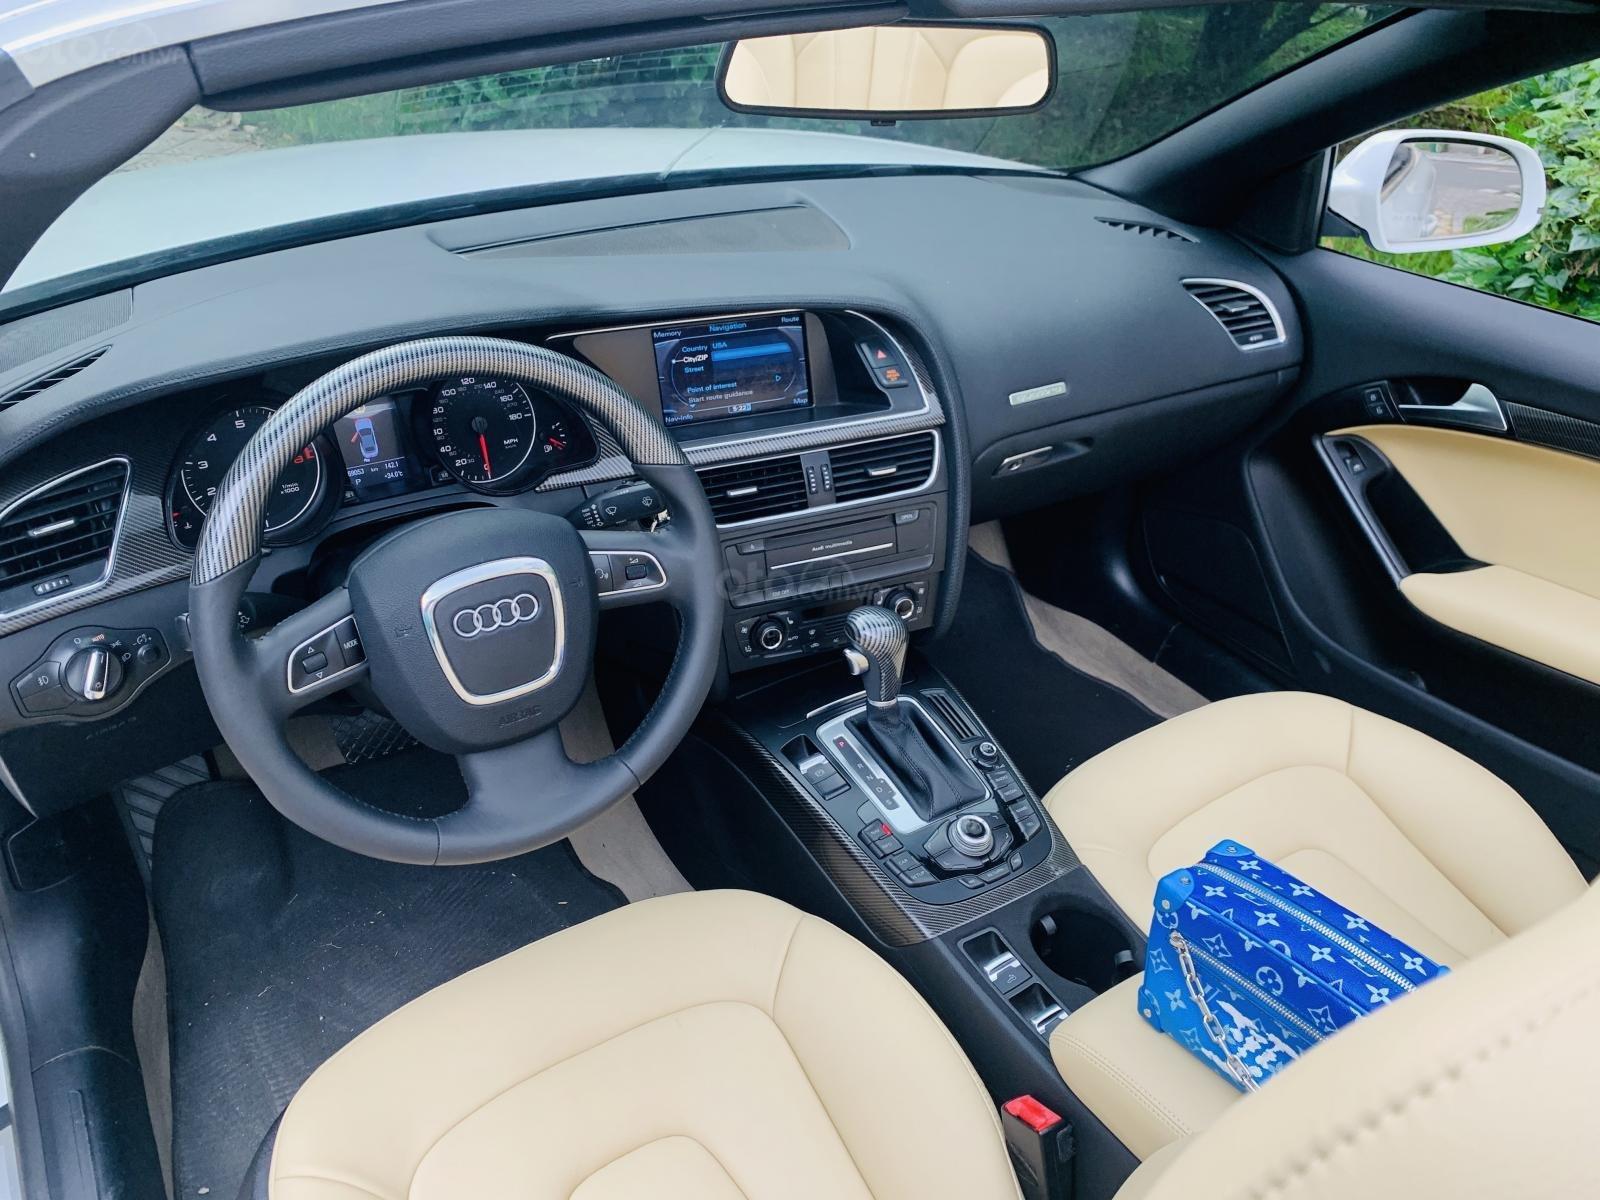 Audi A5 - 2.0 mui trần màu trắng xe đẹp biển vip giá rẻ (6)